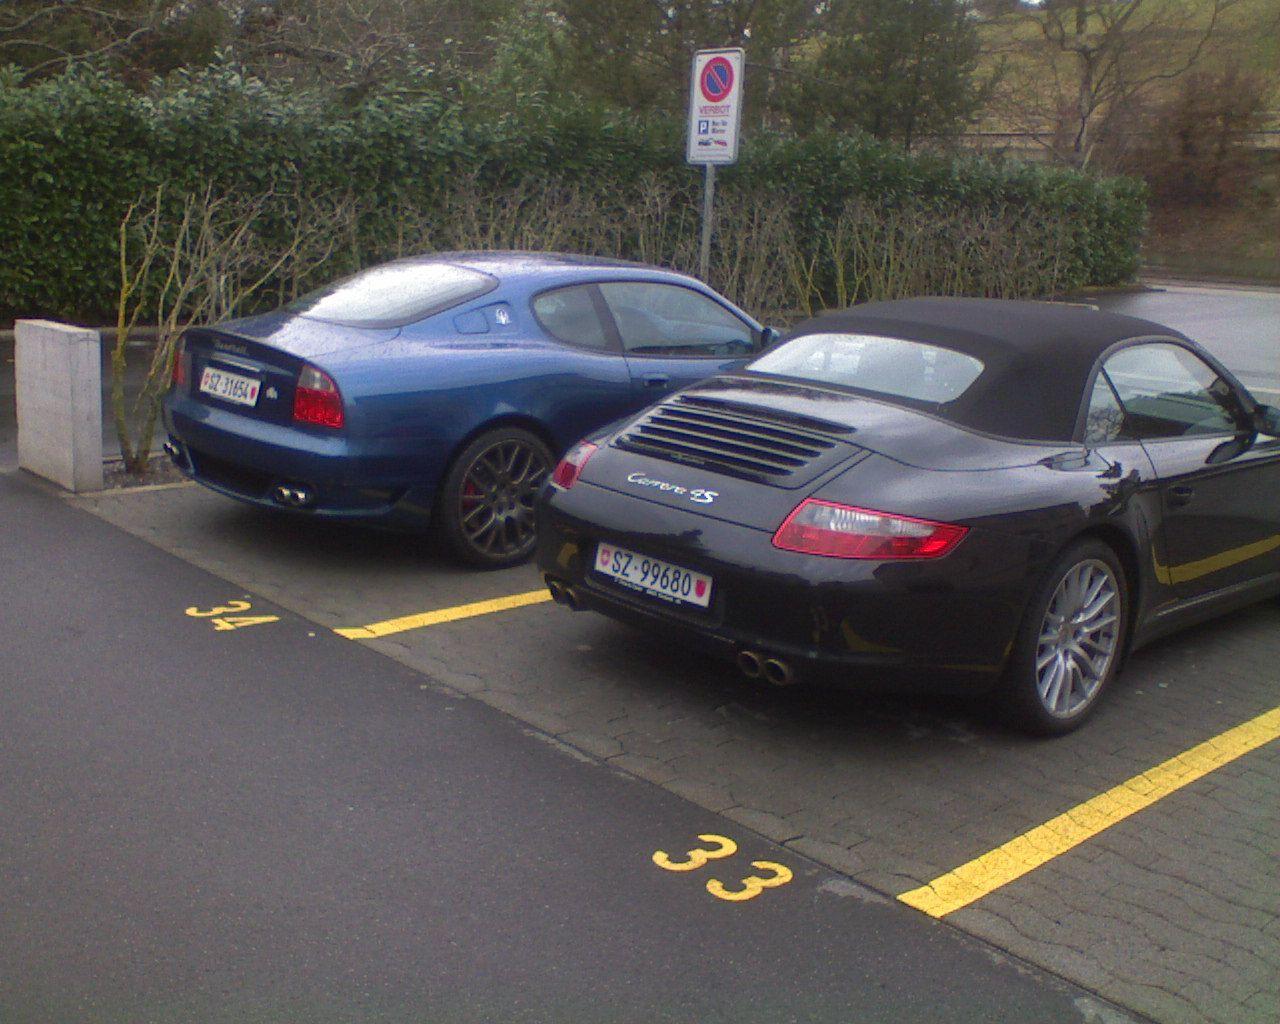 Porsche u Maserati (mit Bildern) Landshut, Nürnberg, München